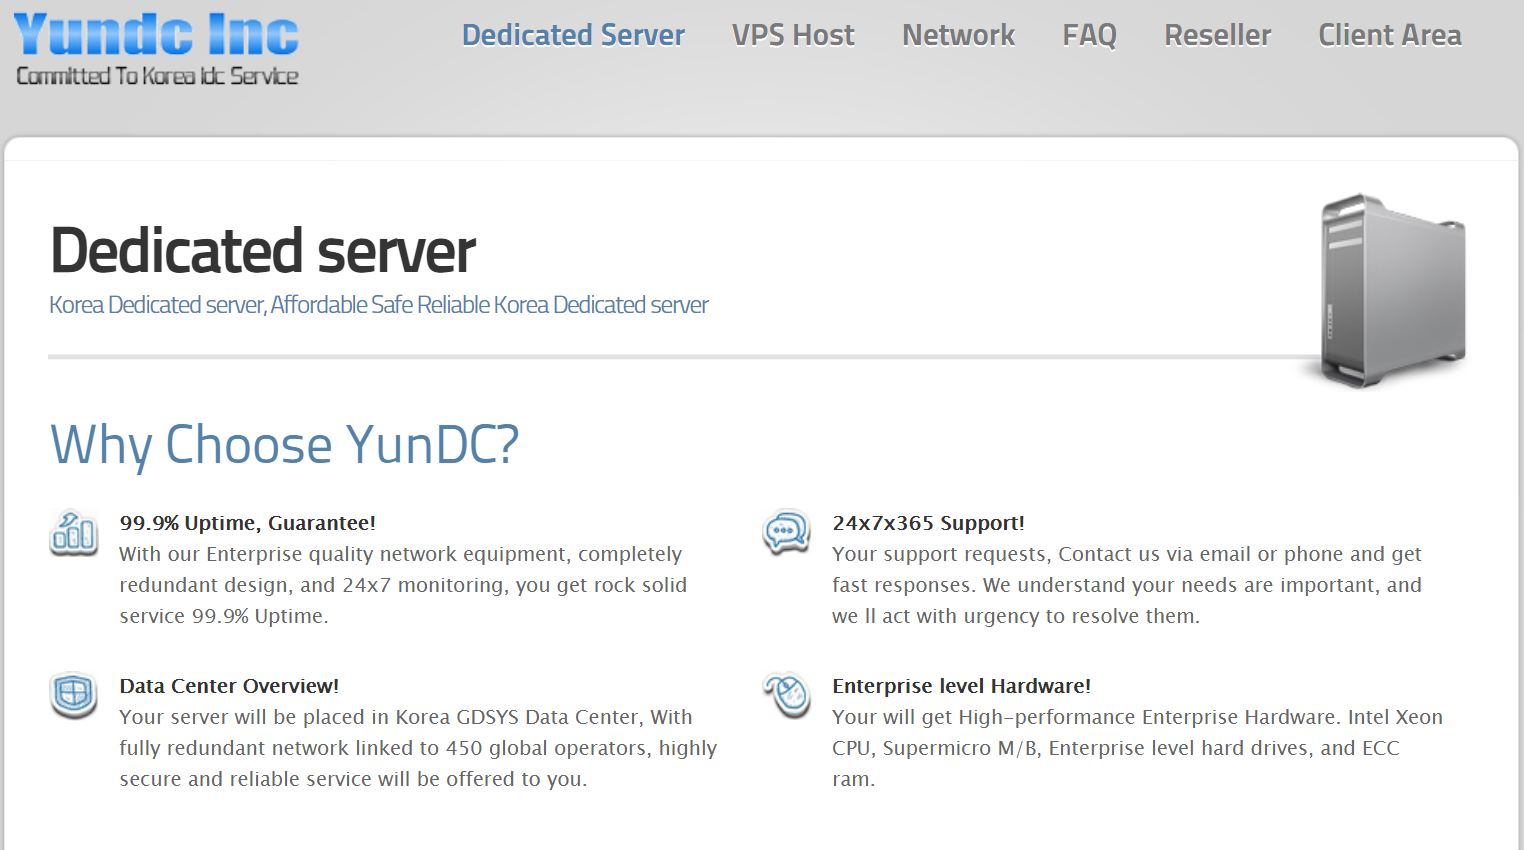 YunDC.net